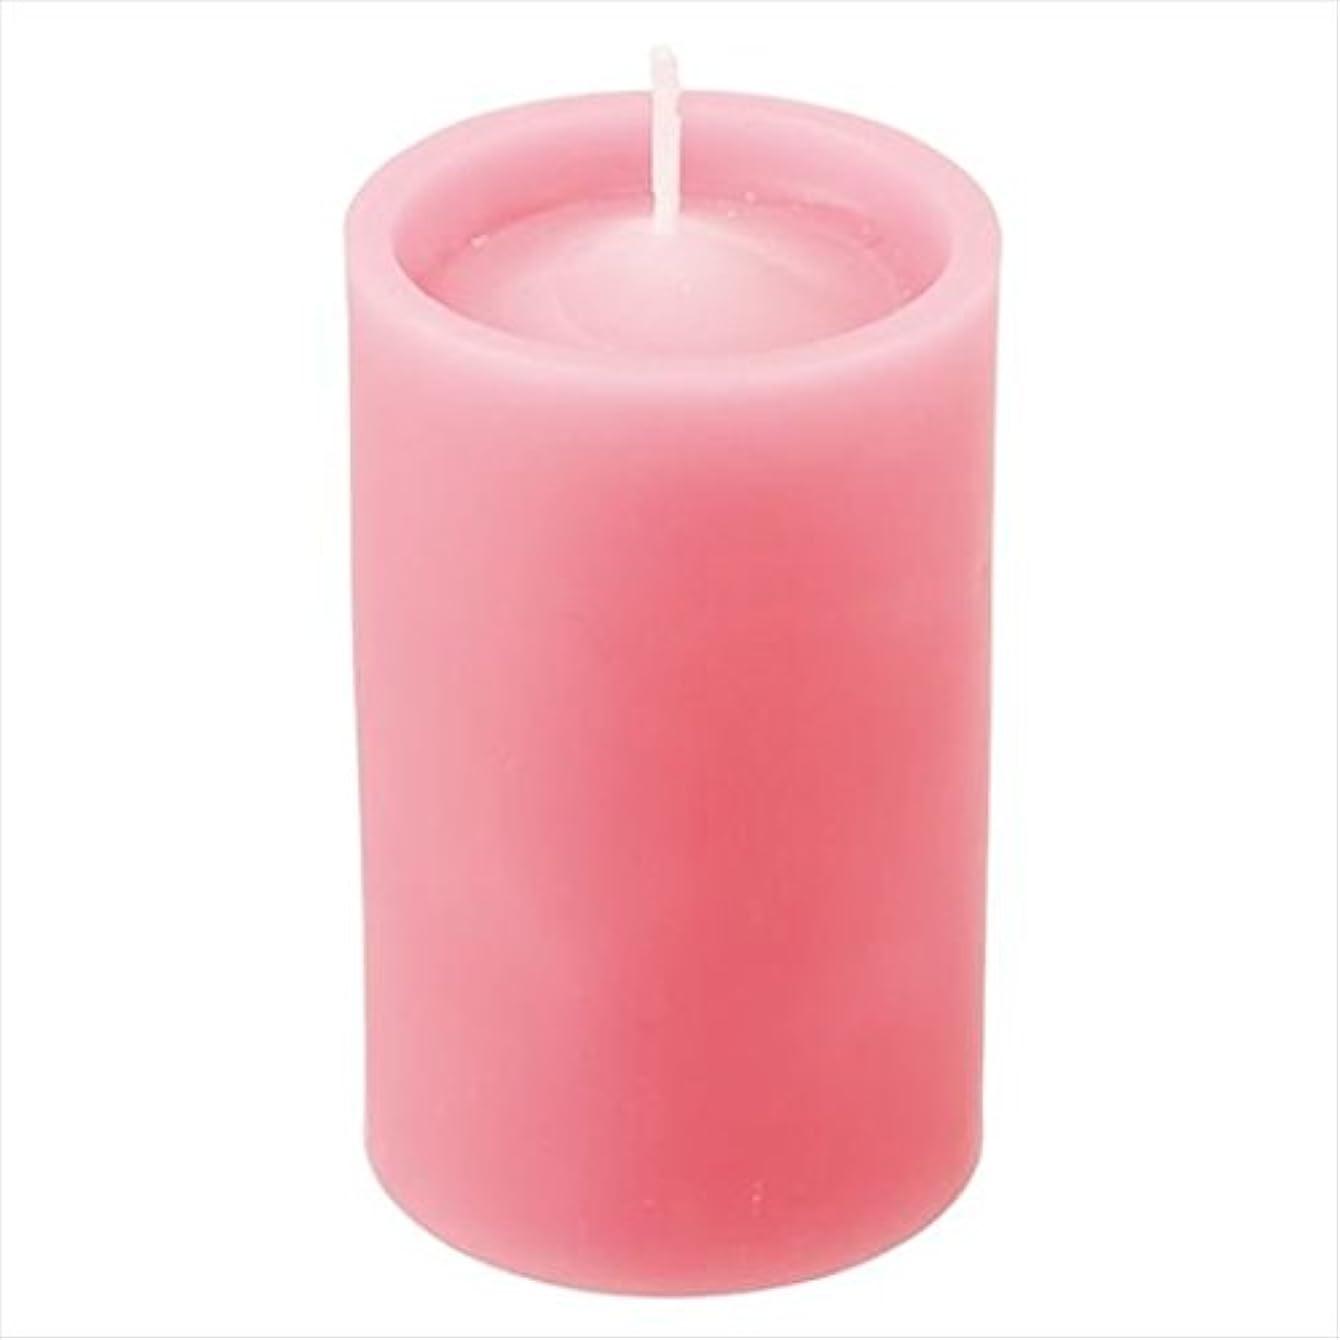 マインドフル回る行商人kameyama candle(カメヤマキャンドル) ロイヤルラウンド60 「 ダークピンク 」 キャンドル 60x60x100mm (52750000DP)